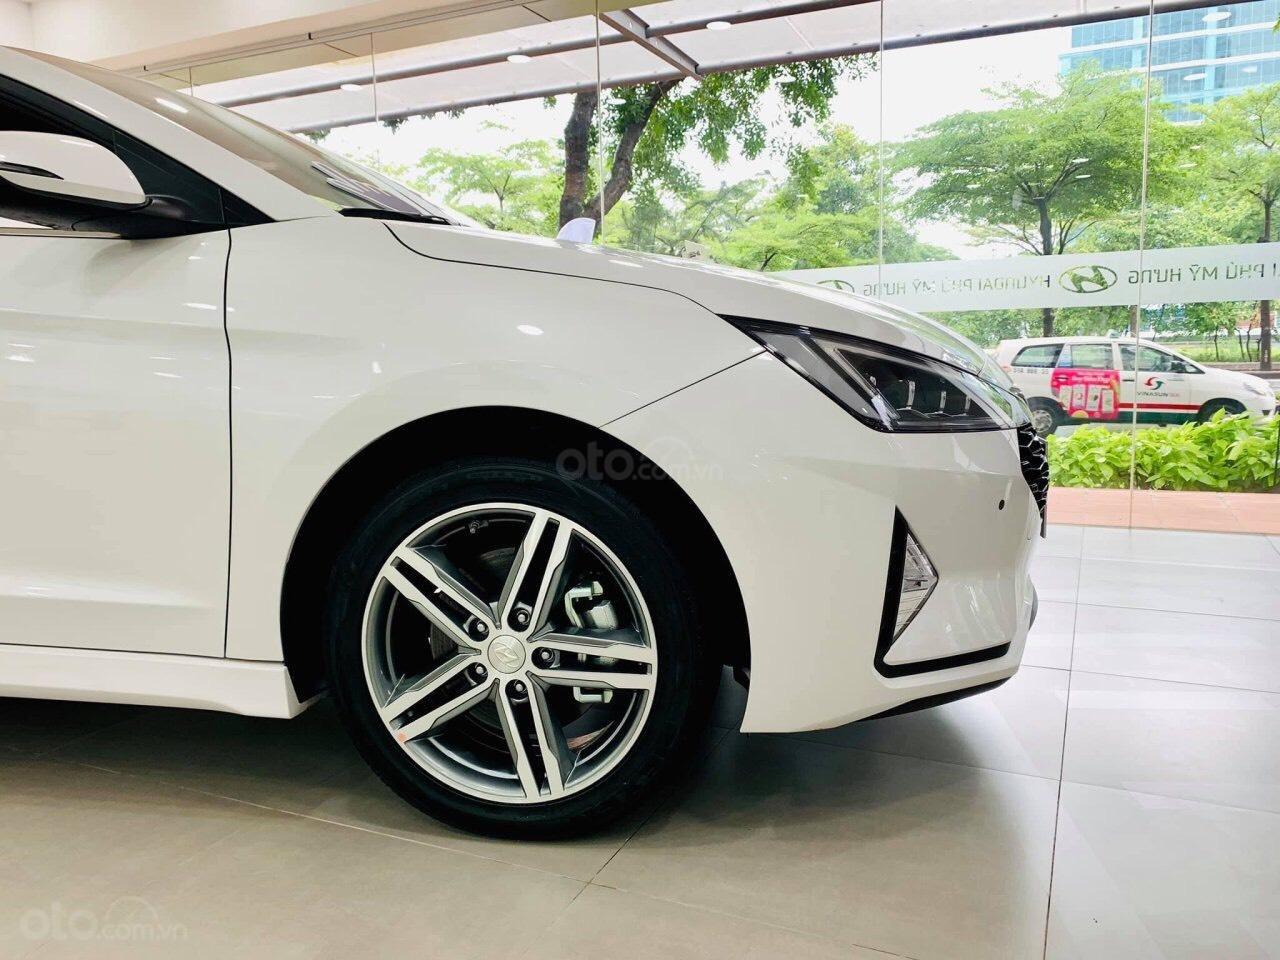 Hyundai Elantra giá cực tốt, nhiều khuyến mãi và quà tặng, hỗ trợ ngân hàng 80% giá xe (10)